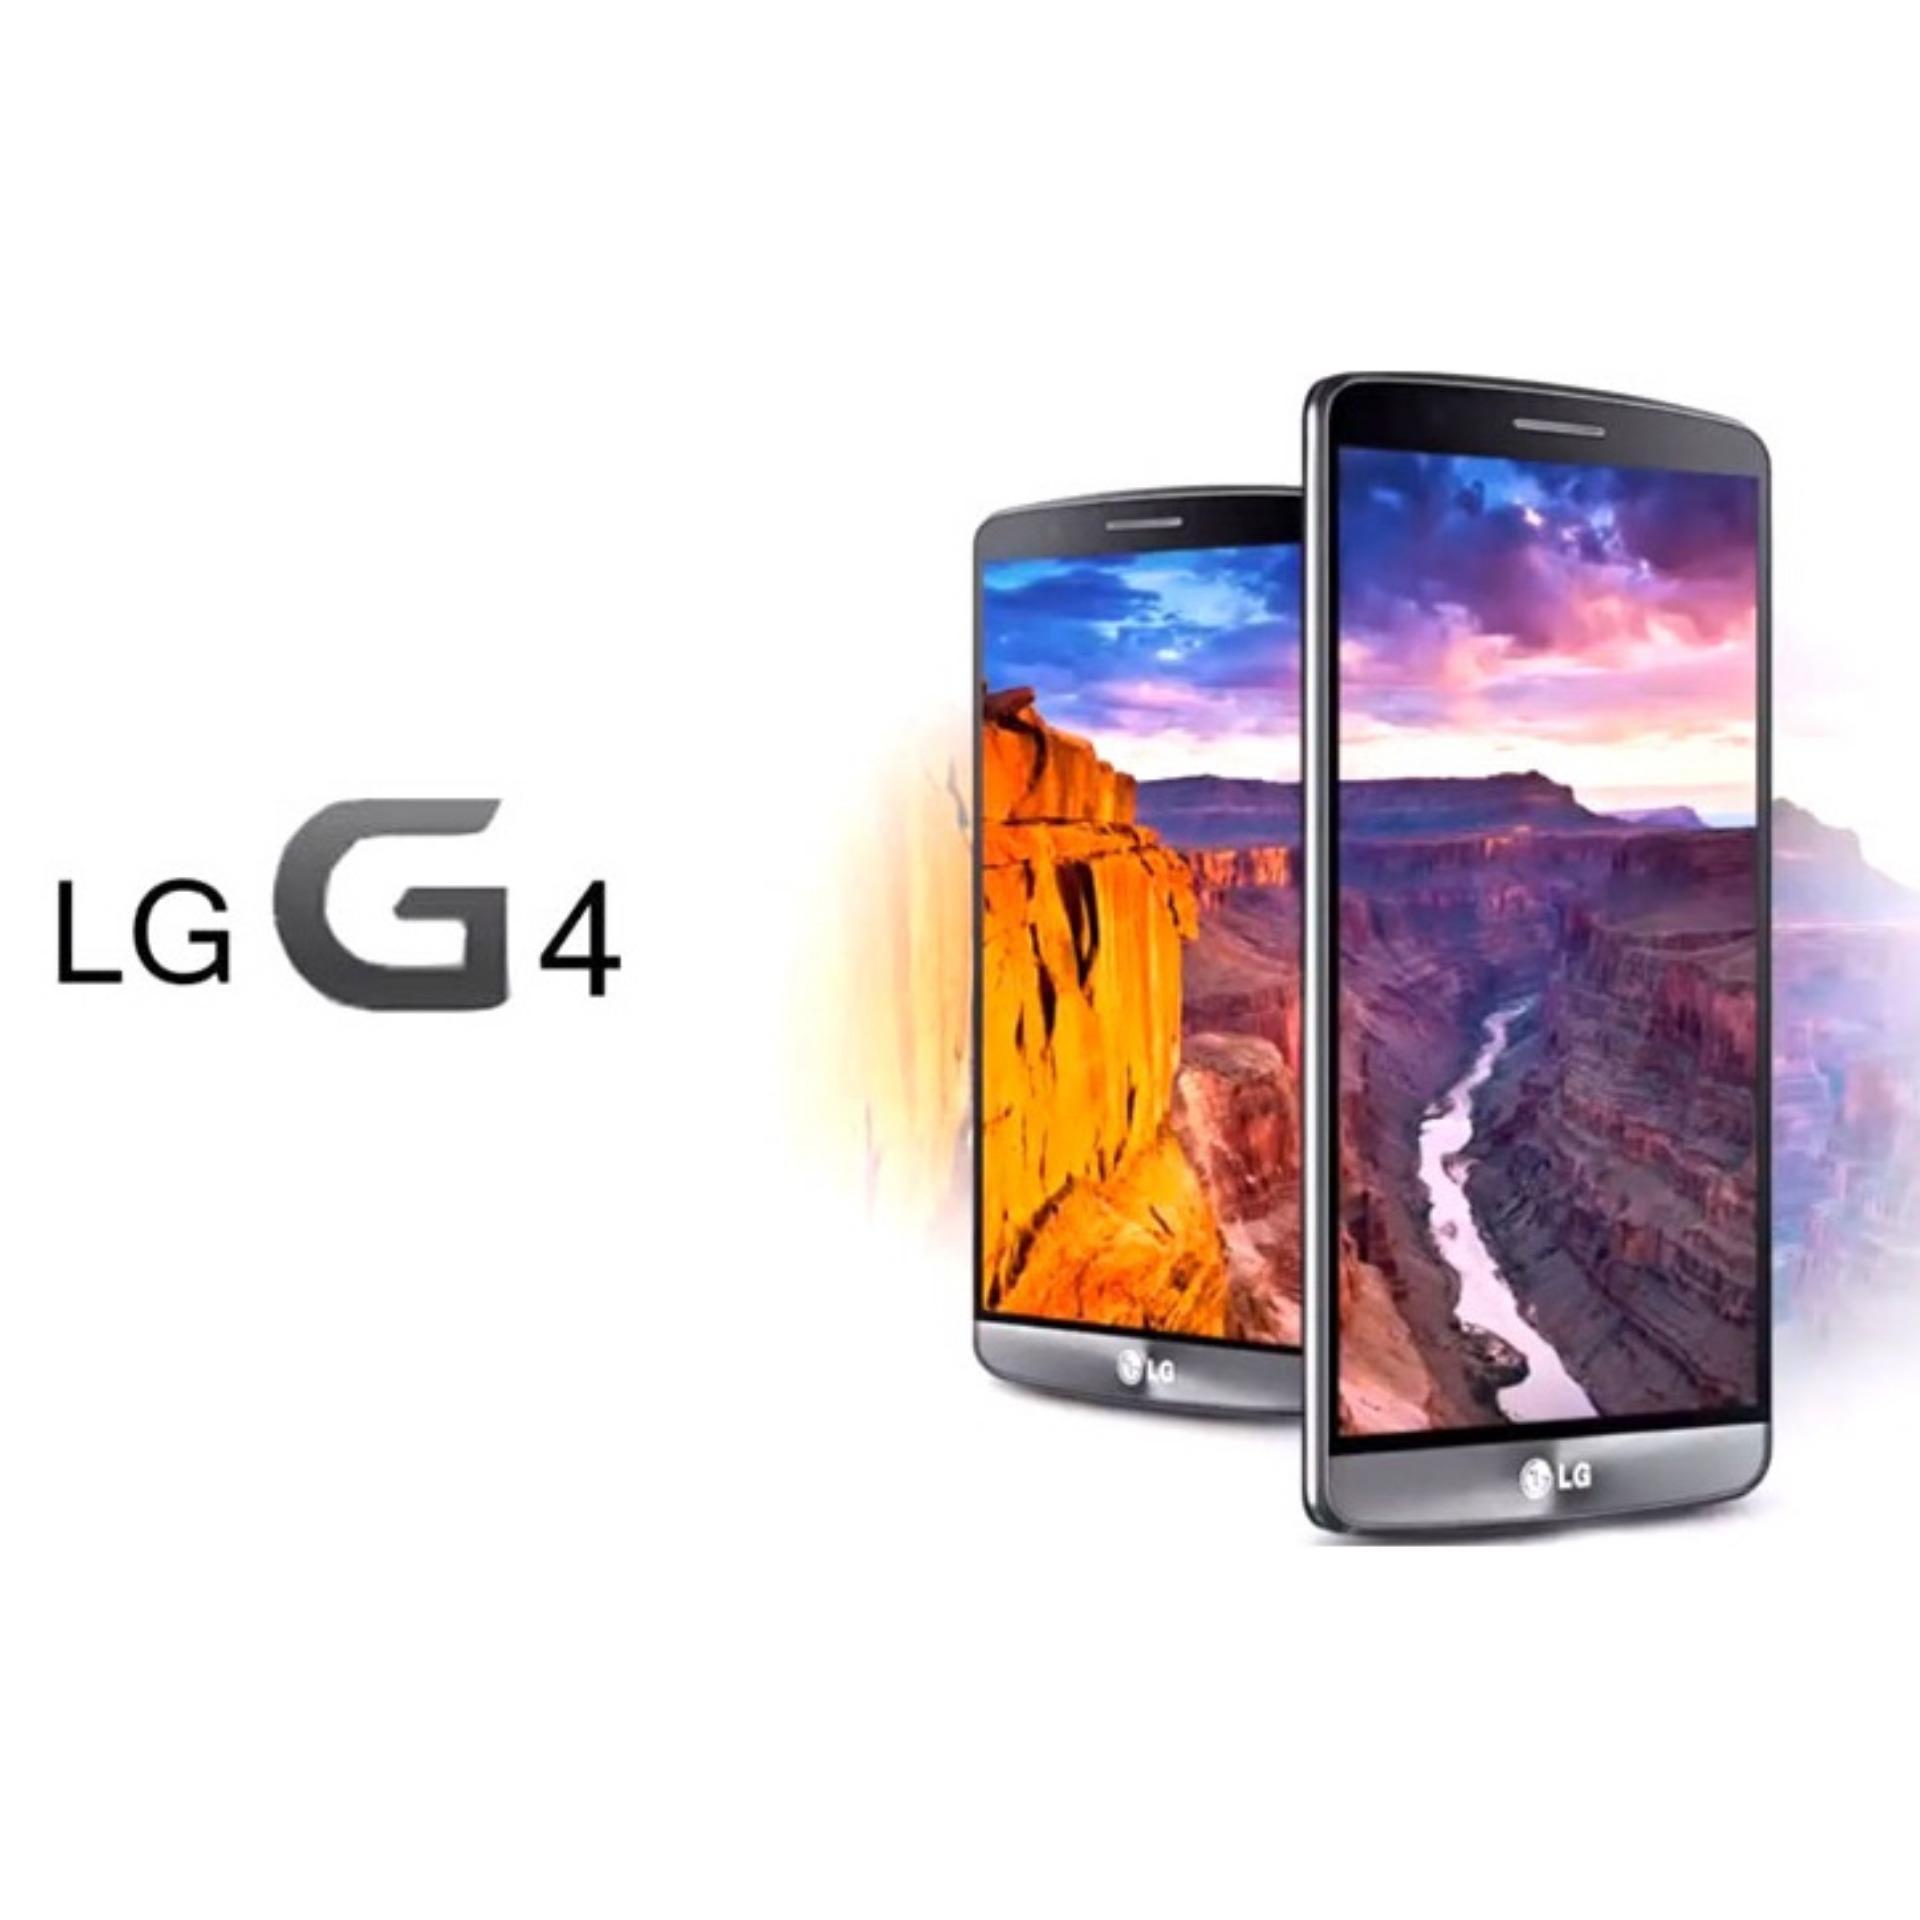 LG G4 55 RAM 3GB 32GB 4G LTE HEXACORE 18